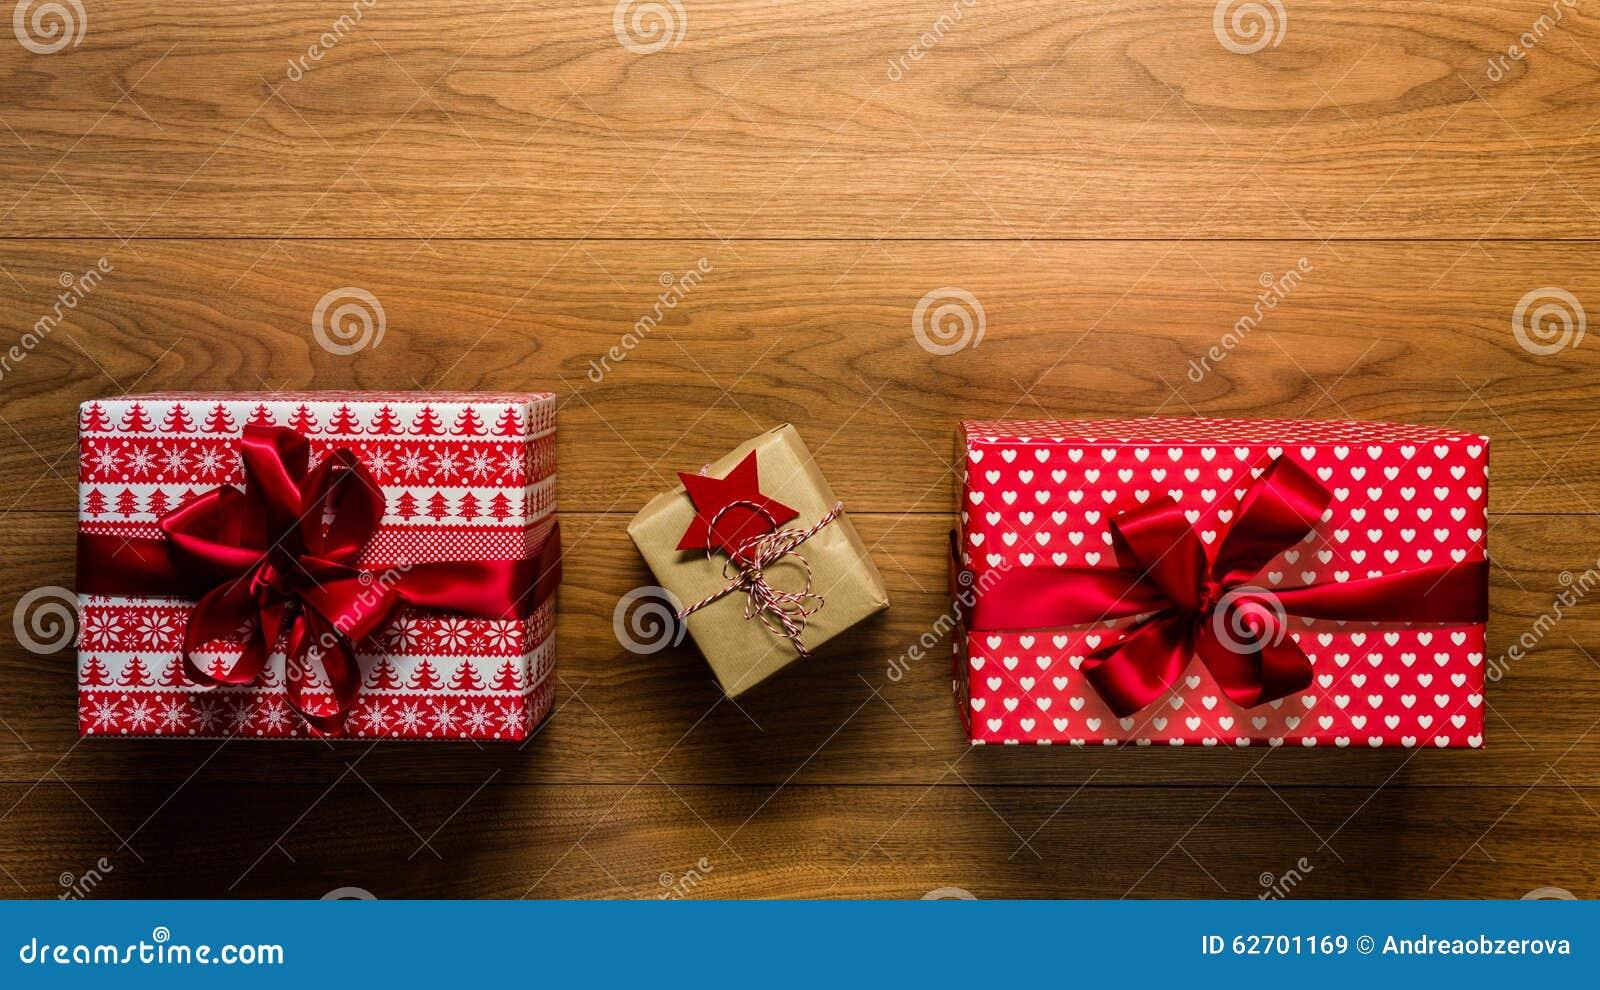 Υπέροχα τυλιγμένα εκλεκτής ποιότητας χριστουγεννιάτικα δώρα στο ξύλινο υπόβαθρο, άποψη άνωθεν